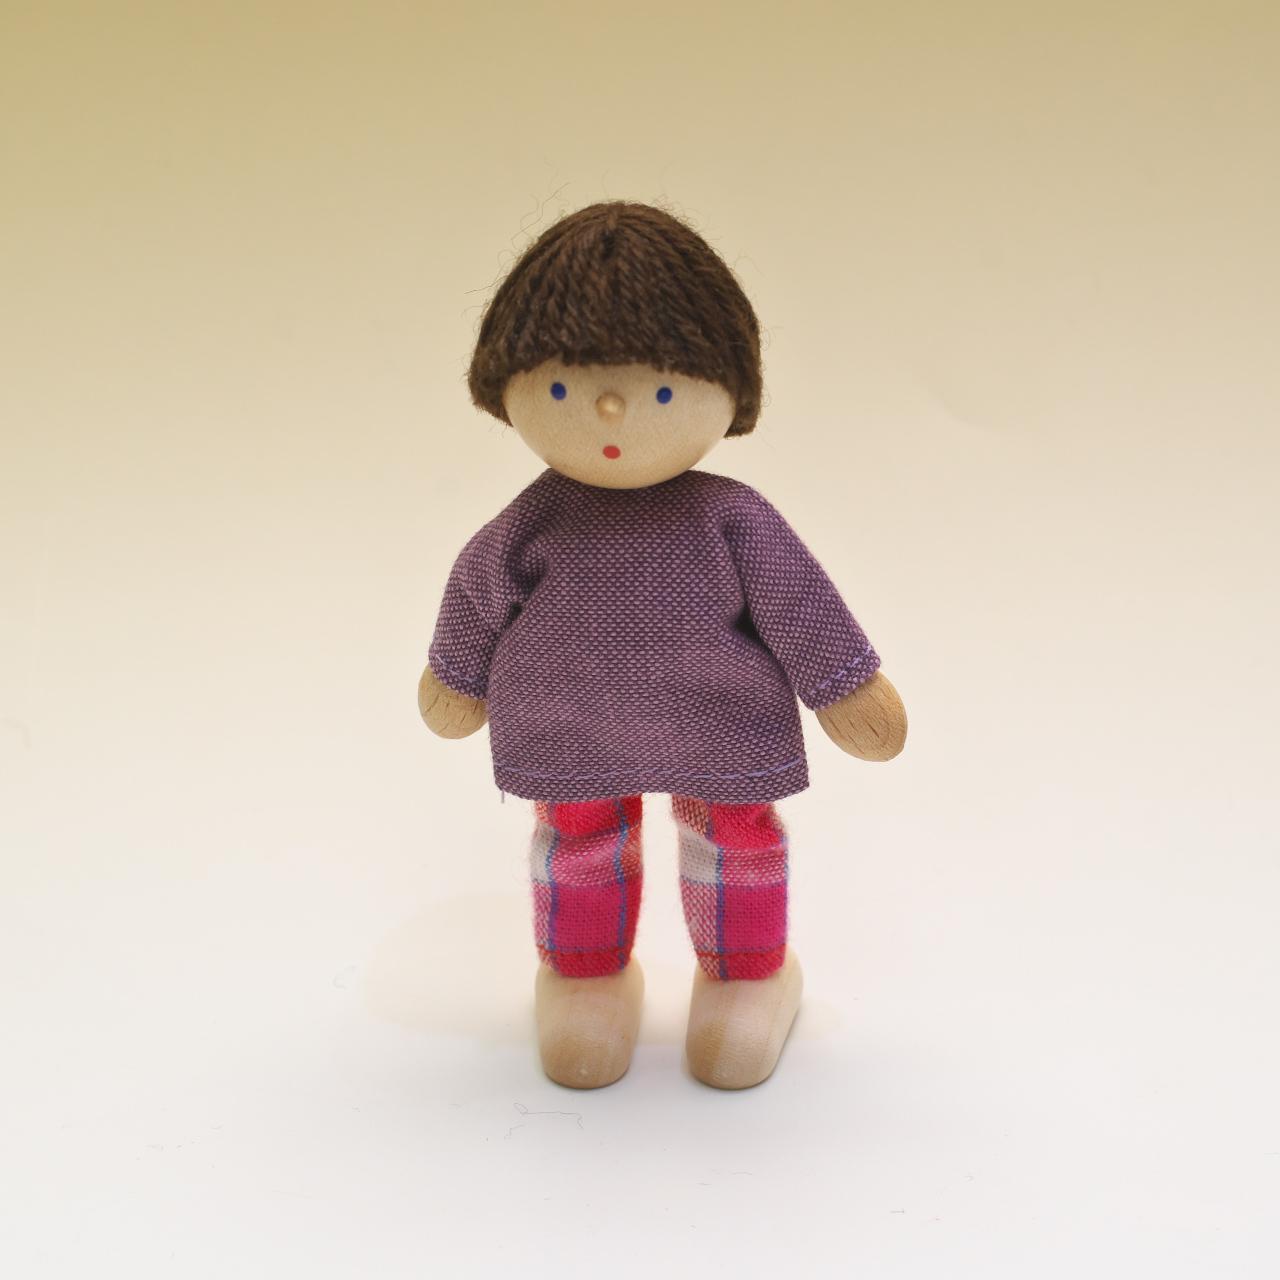 ヘアヴィック社製人形 男の子 紫シャツ